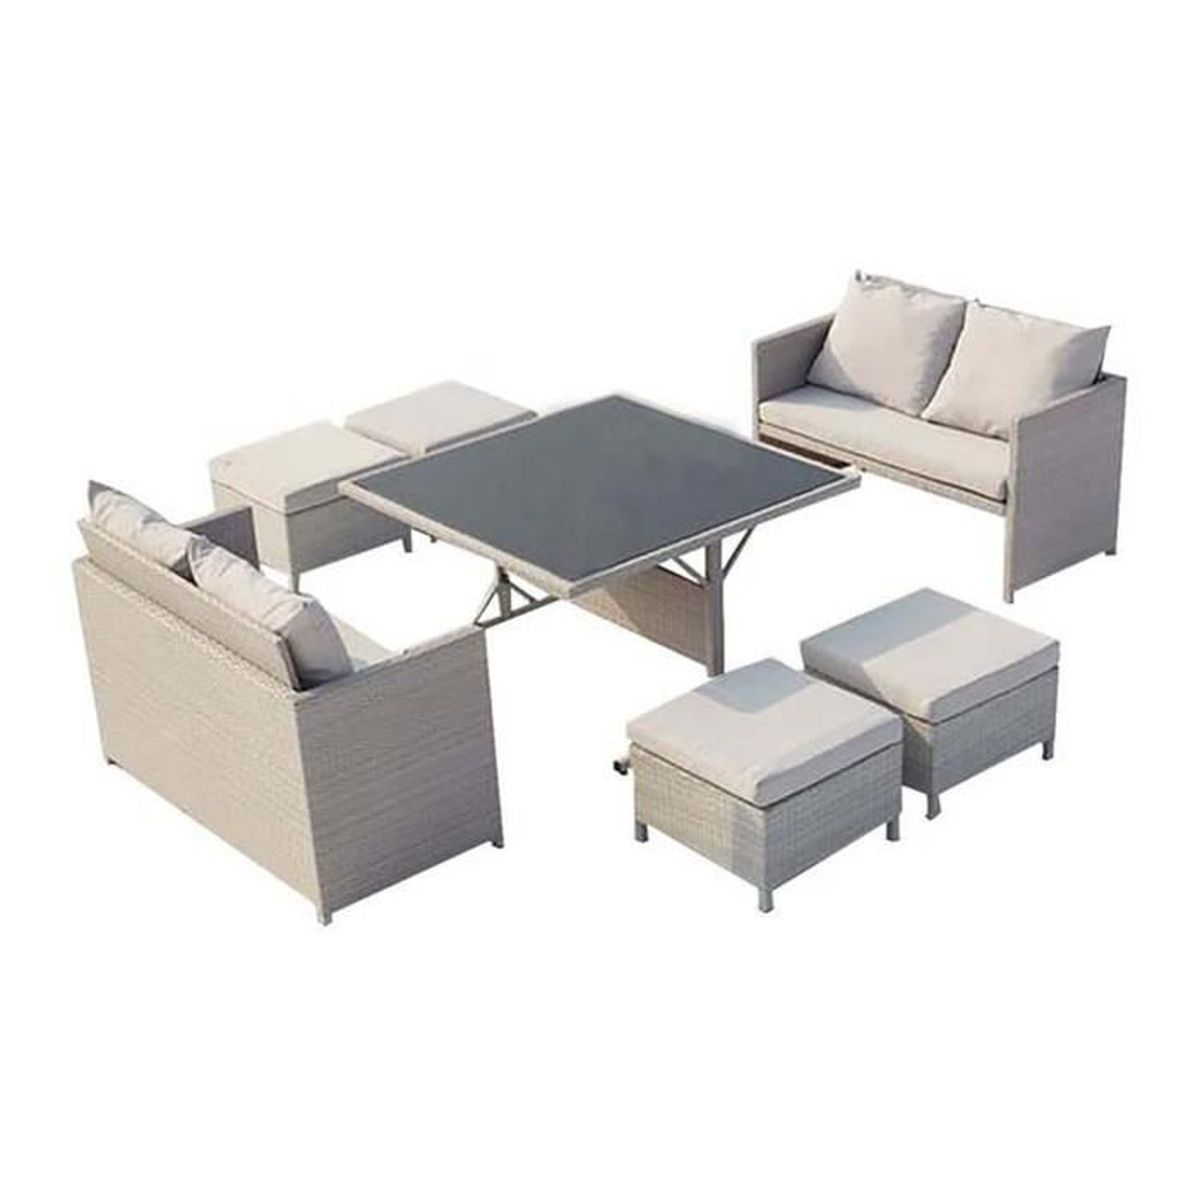 Salon complet gris et blanc - Achat / Vente Salon complet gris et ...